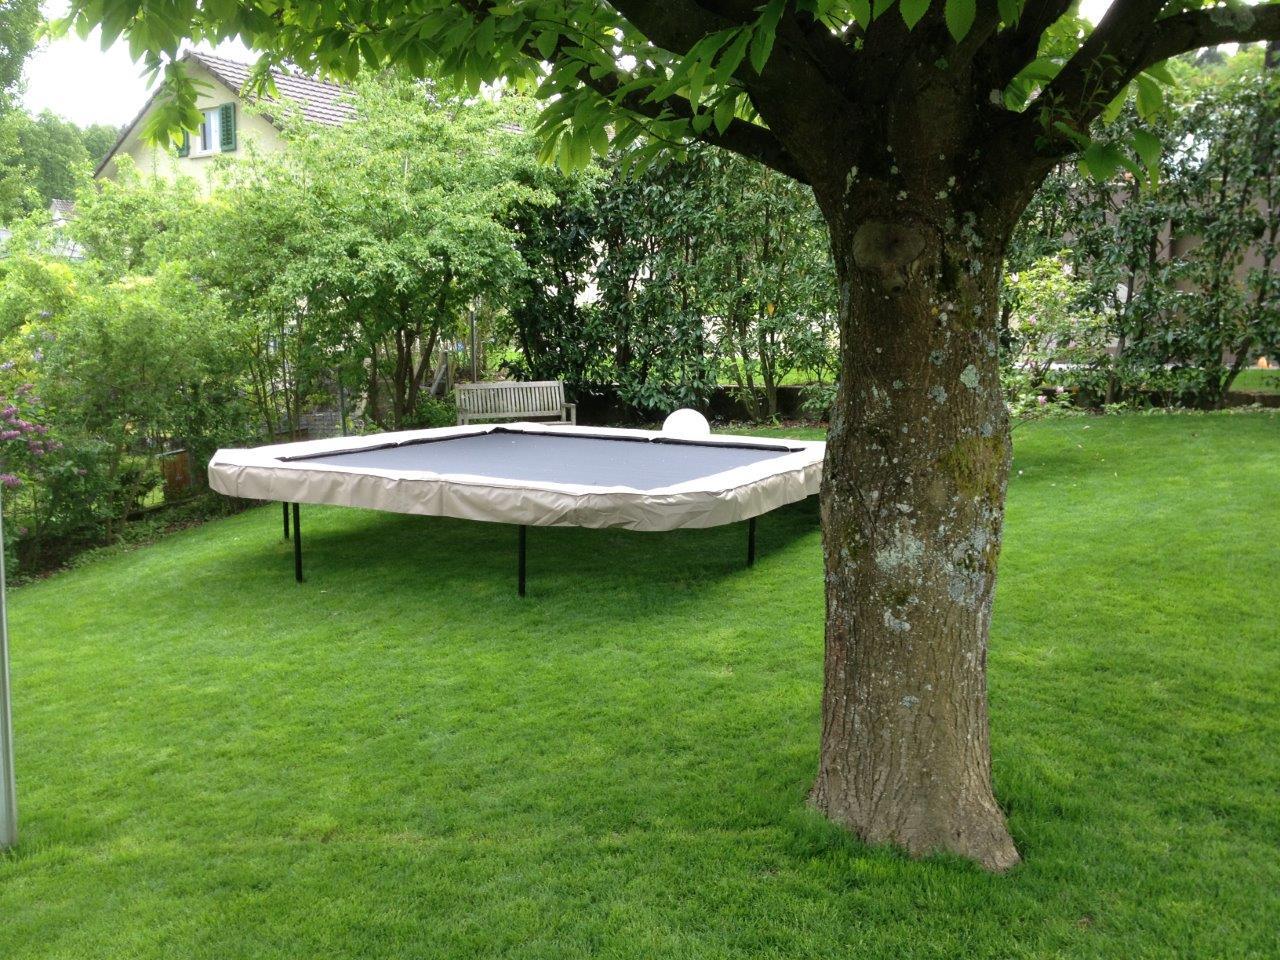 Full Size of Trampolin Garten In Hanglage Trampoline Center Schweiz Spezialist Fr Pavillon Mini Pool Lounge Sessel Sichtschutz Im Sitzgruppe Kandelaber Brunnen überdachung Garten Trampolin Garten